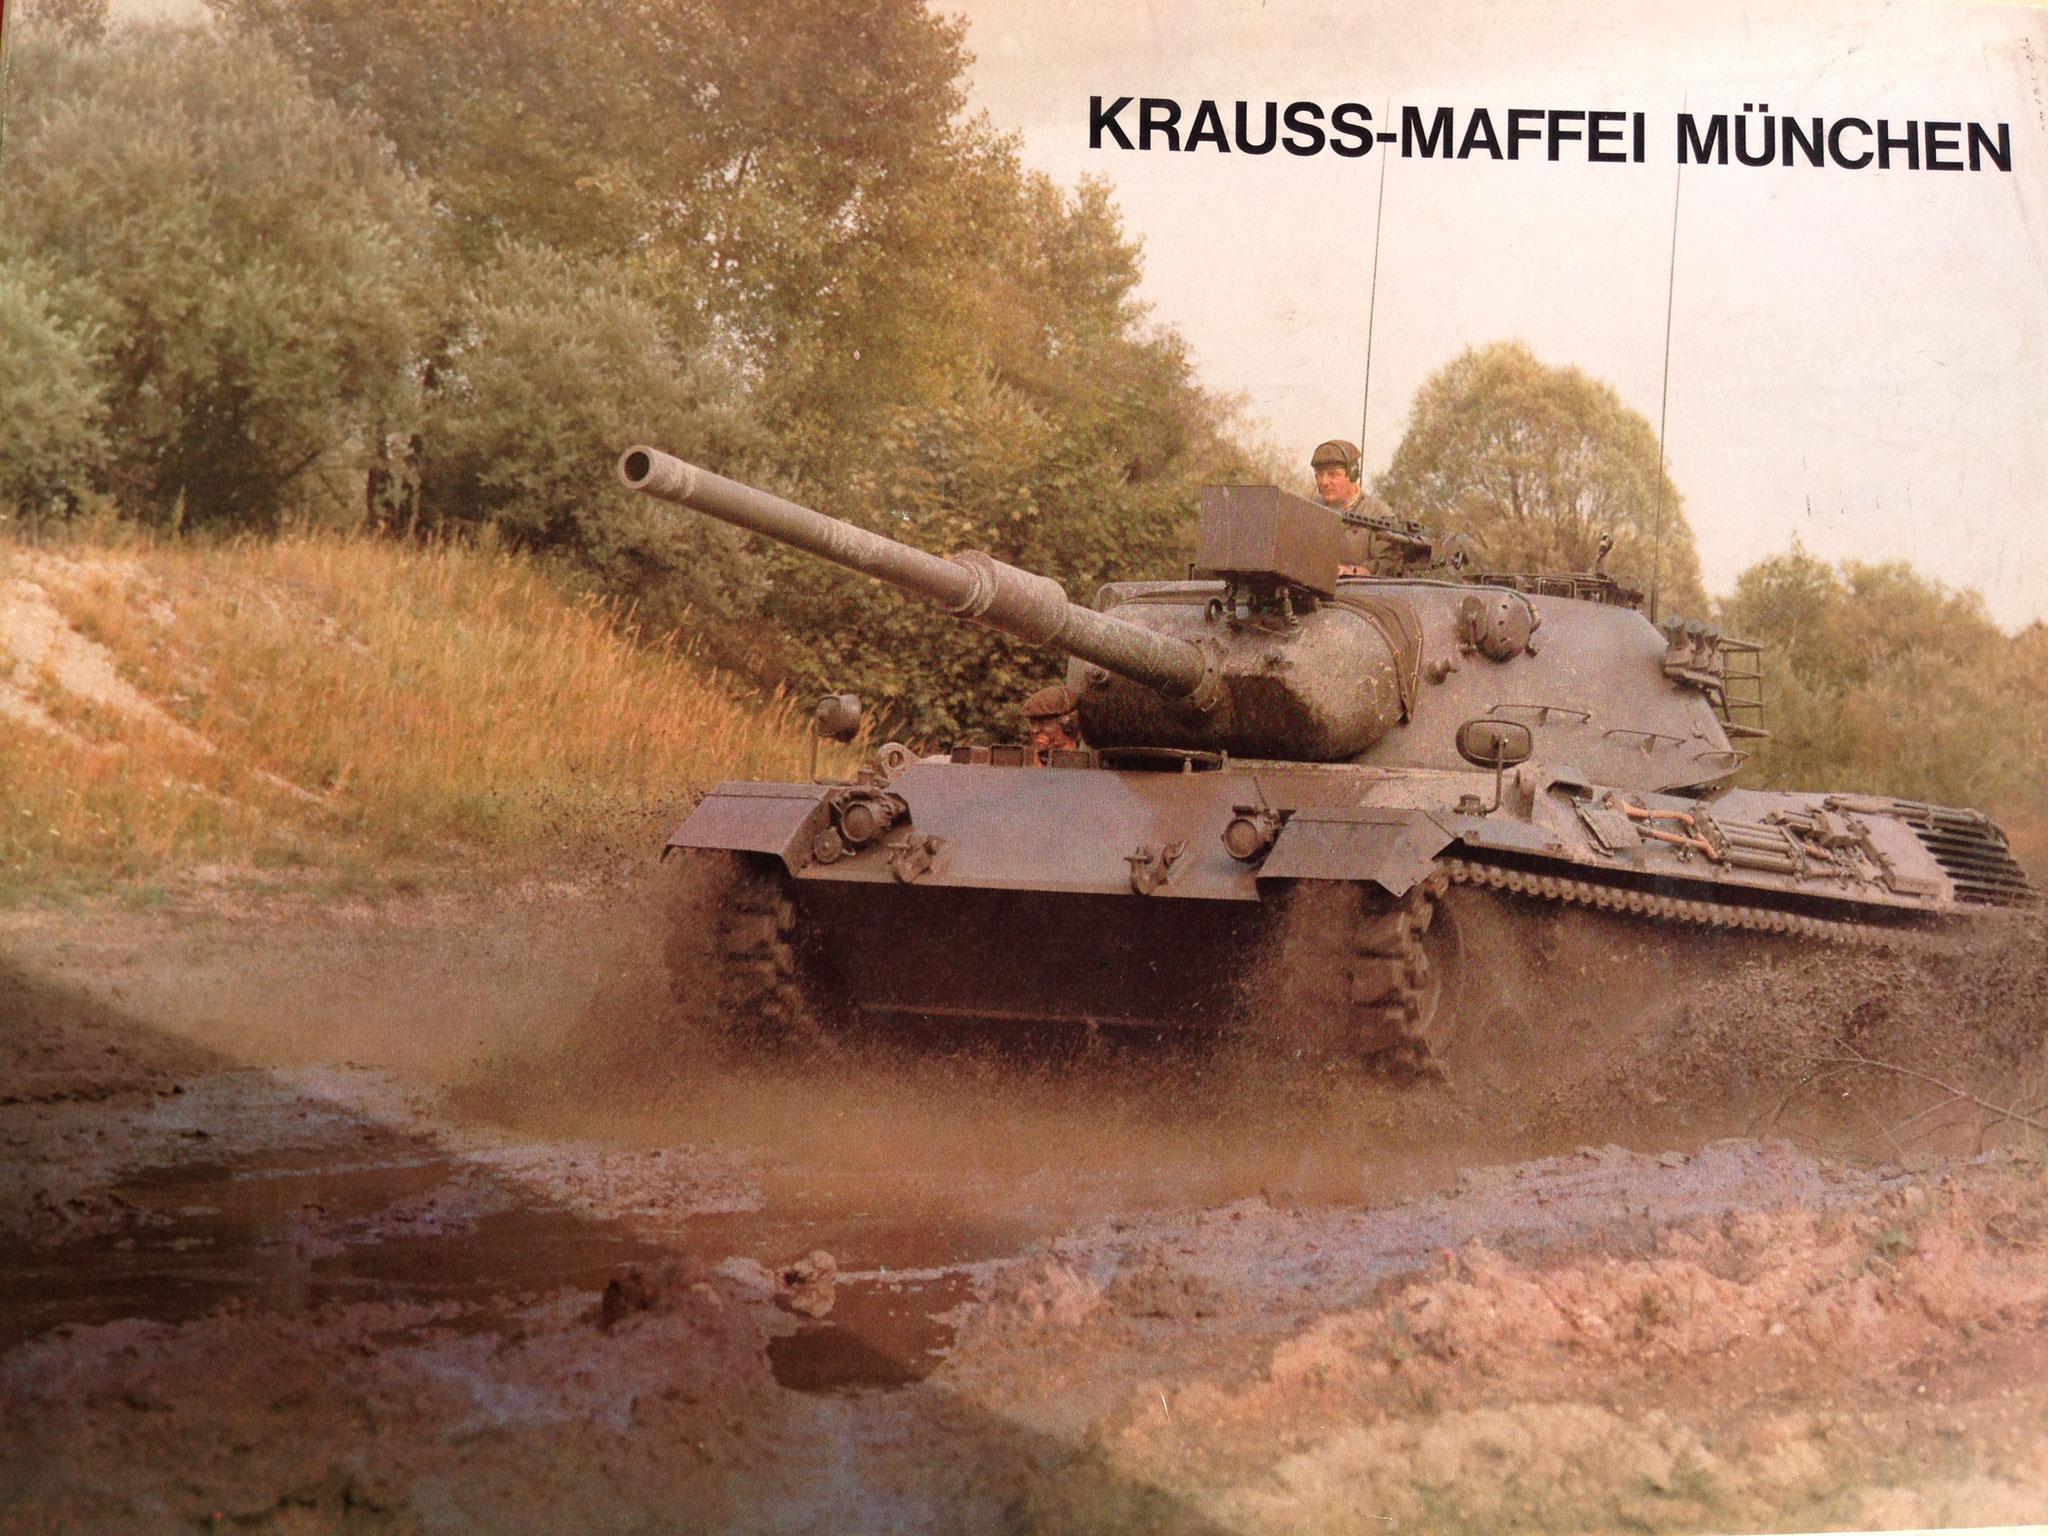 Werbeset Krauss-Maffei München, Vorderseite des Kartondeckels